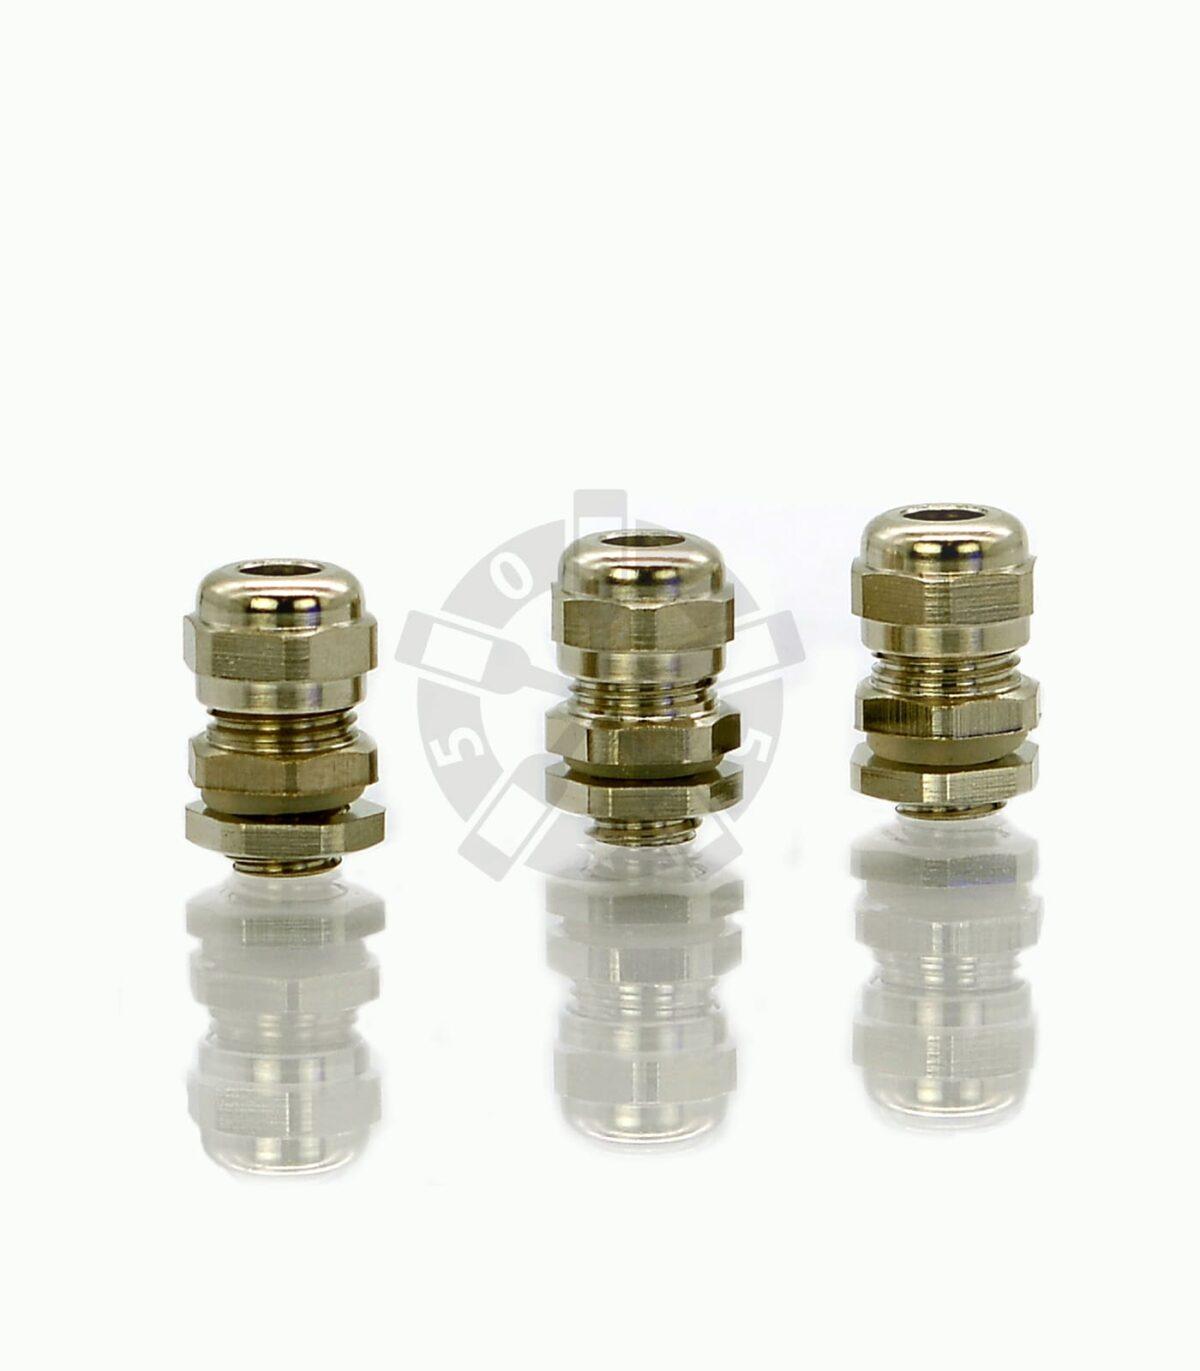 Нипель МАЛЕНЬКИЙ (для монтажа цифр. термометра Диапазон от 2 до 4 мм), с силиконовой прокладкой